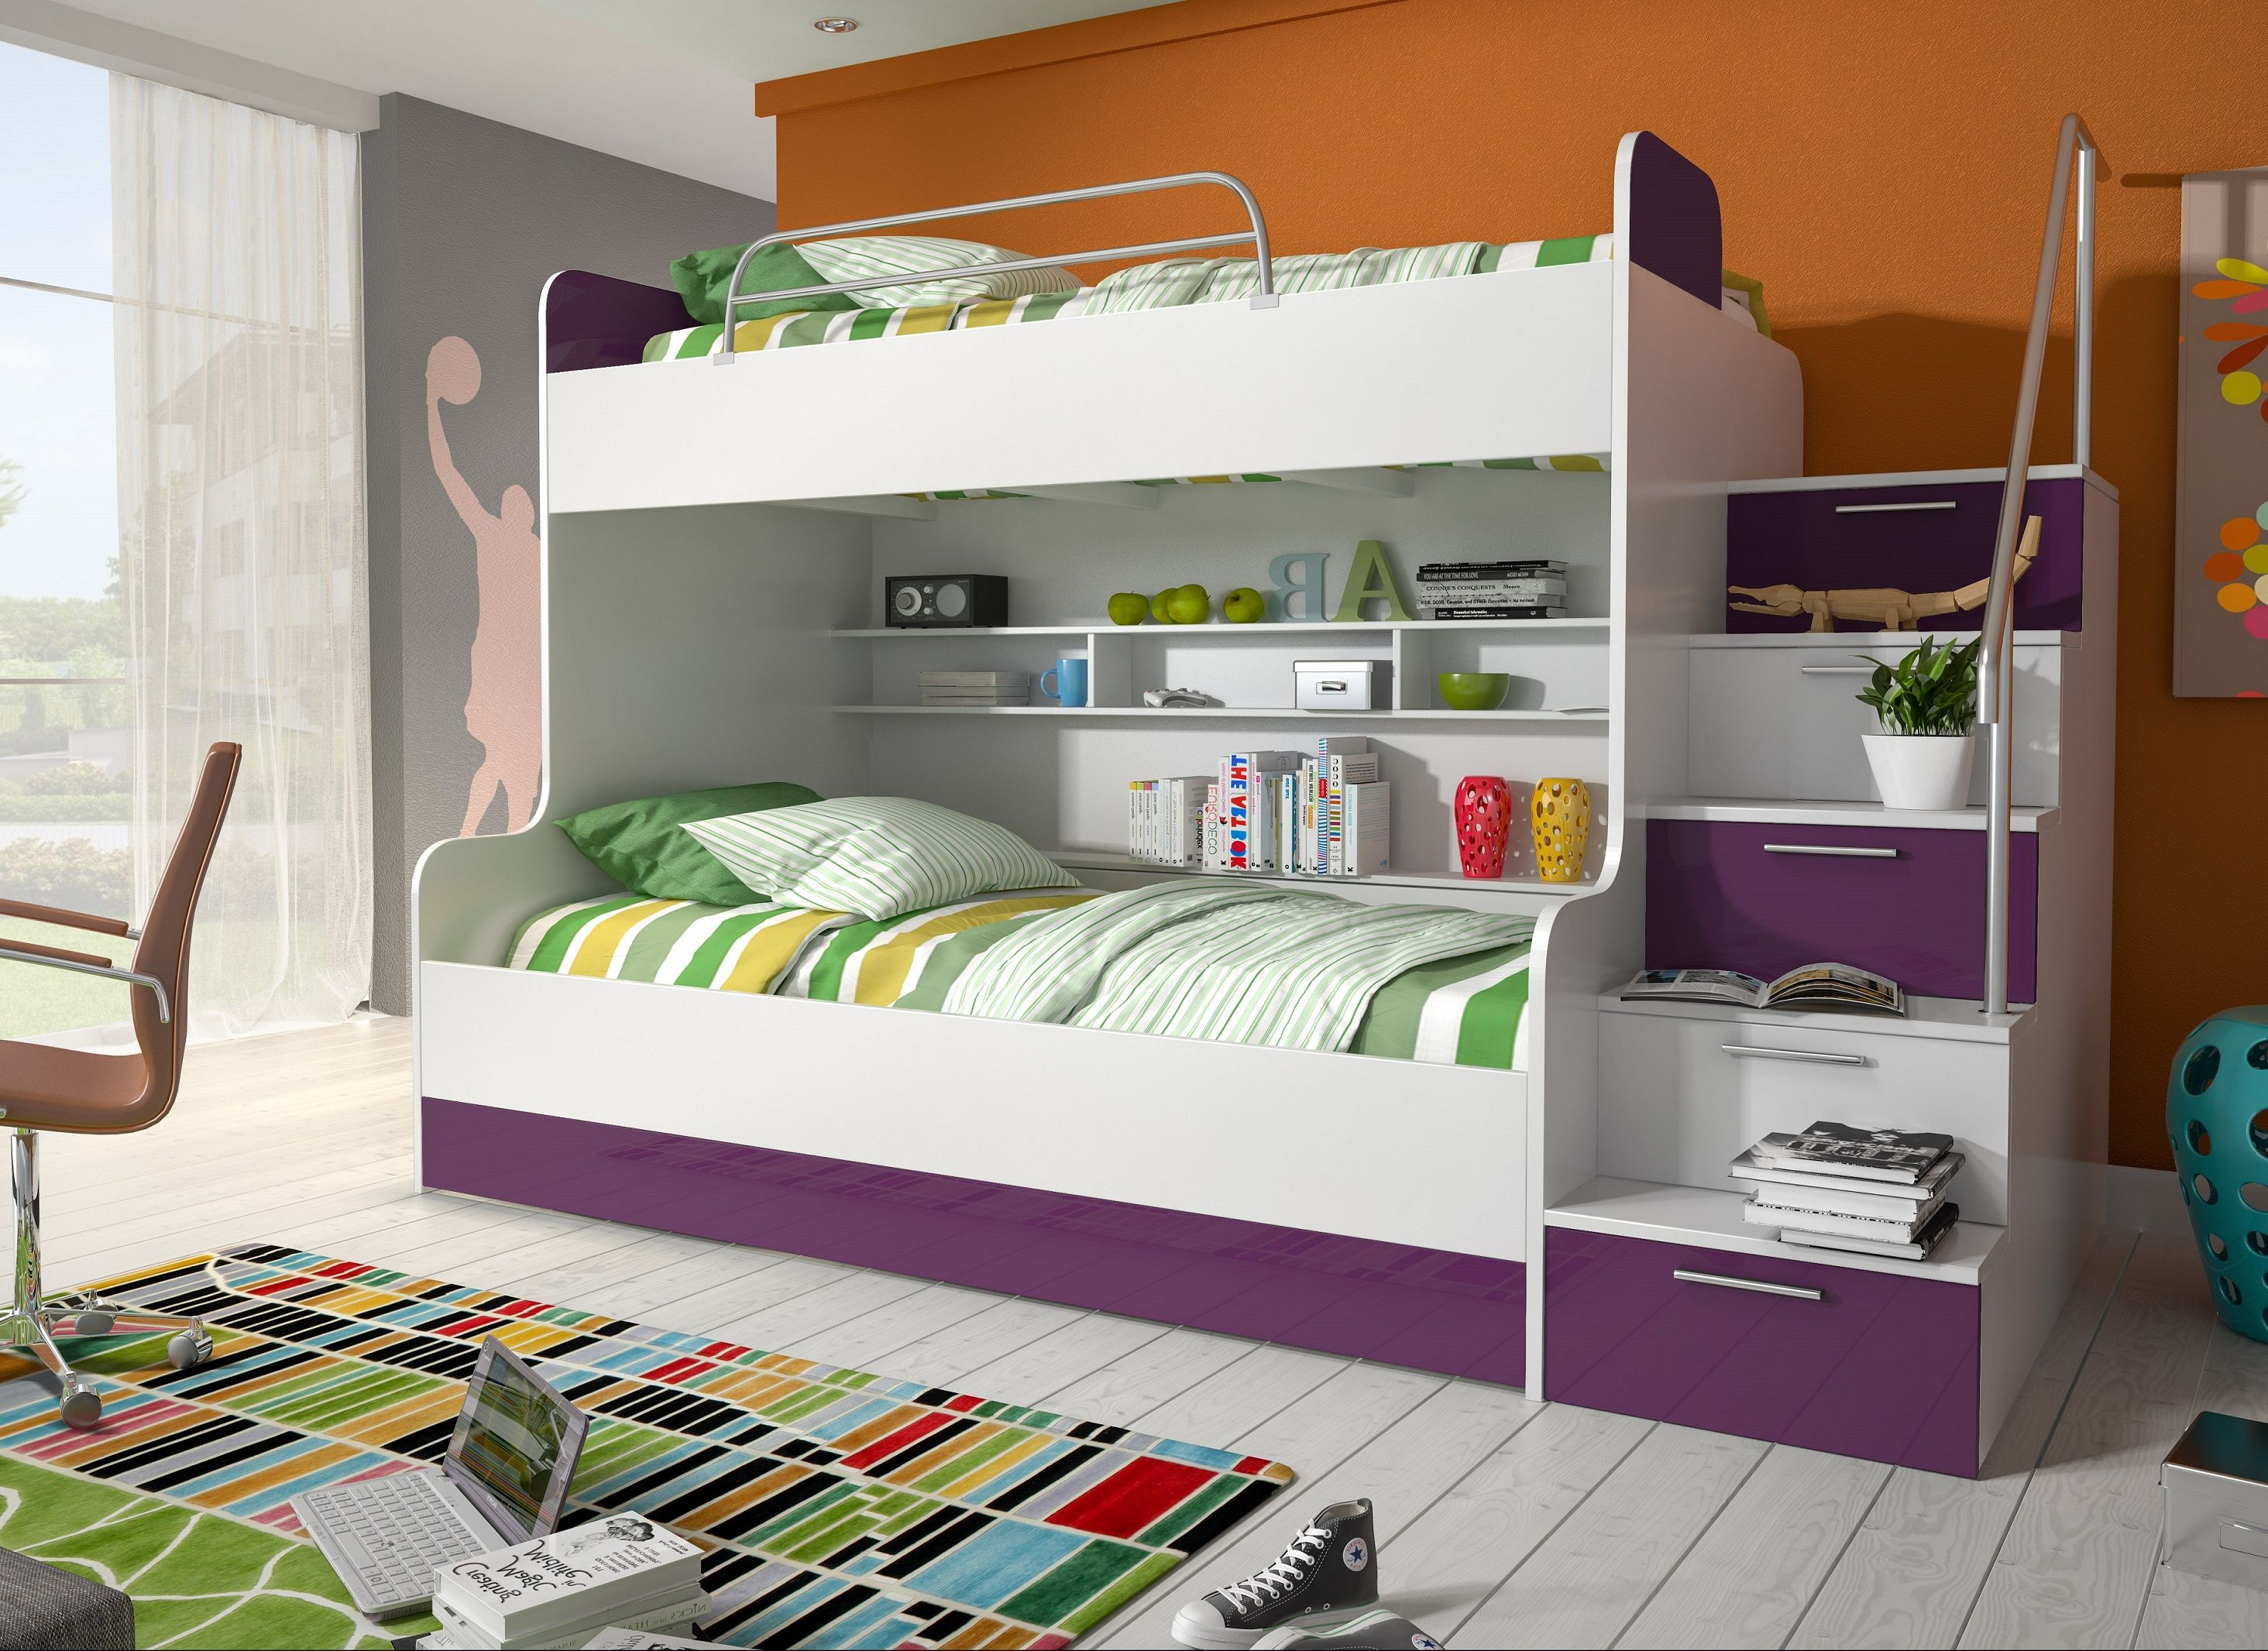 Jugendzimmer Jungen Etagenbett : Jugendzimmer jungen mit hochbett etagenbett kinderzimmer vita